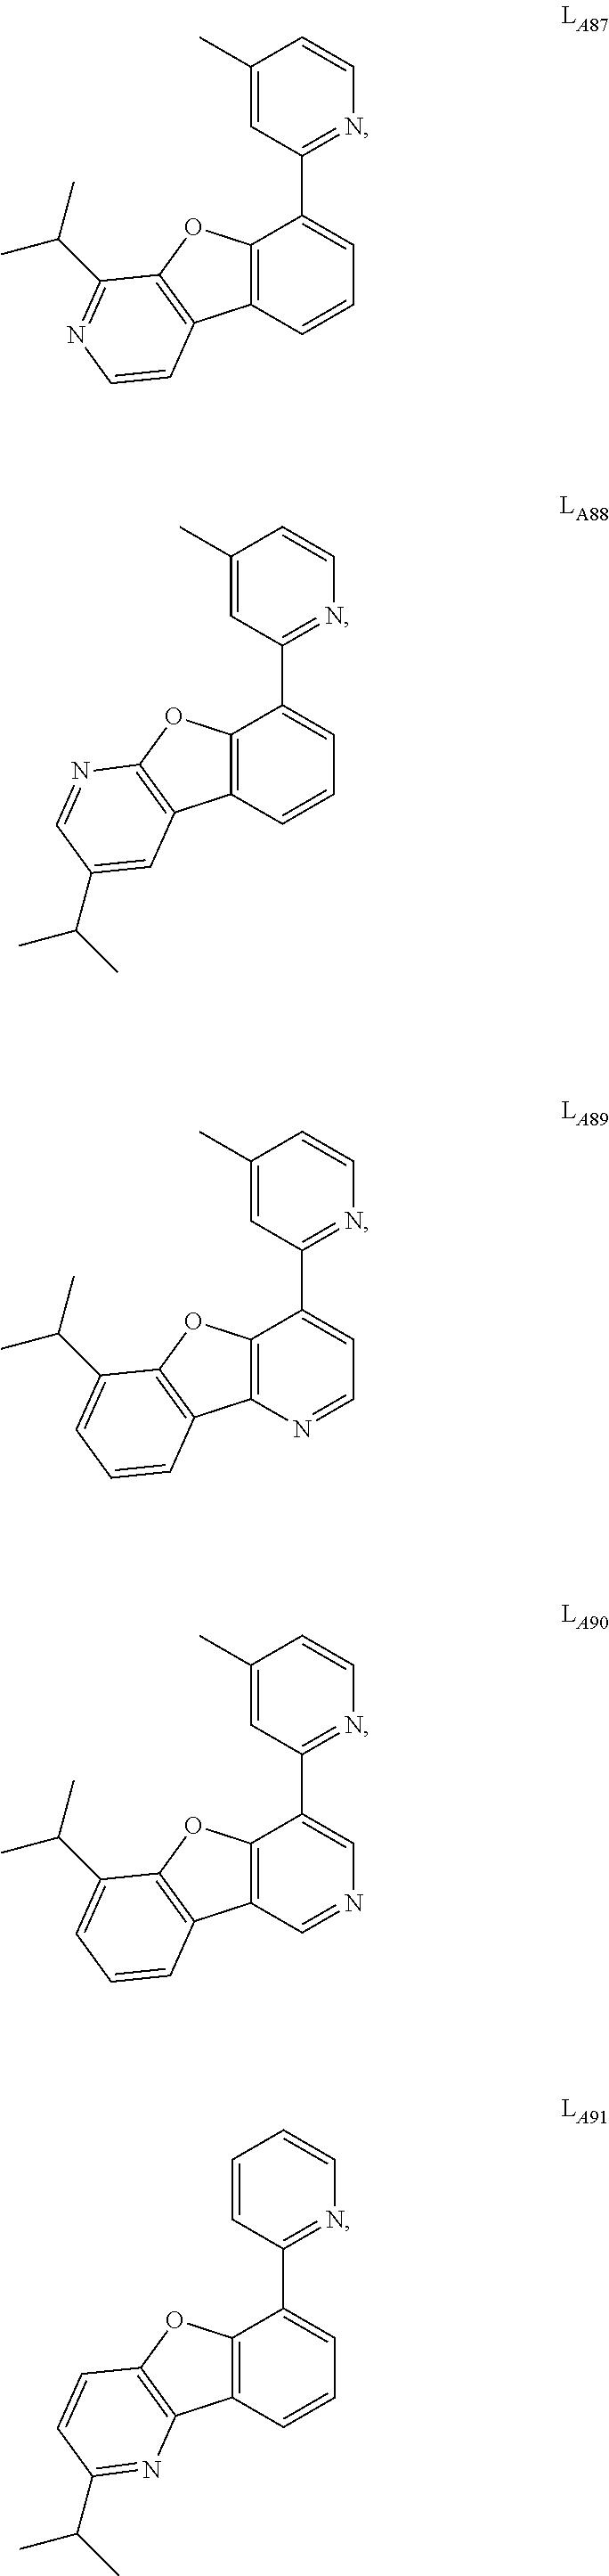 Figure US09634264-20170425-C00069